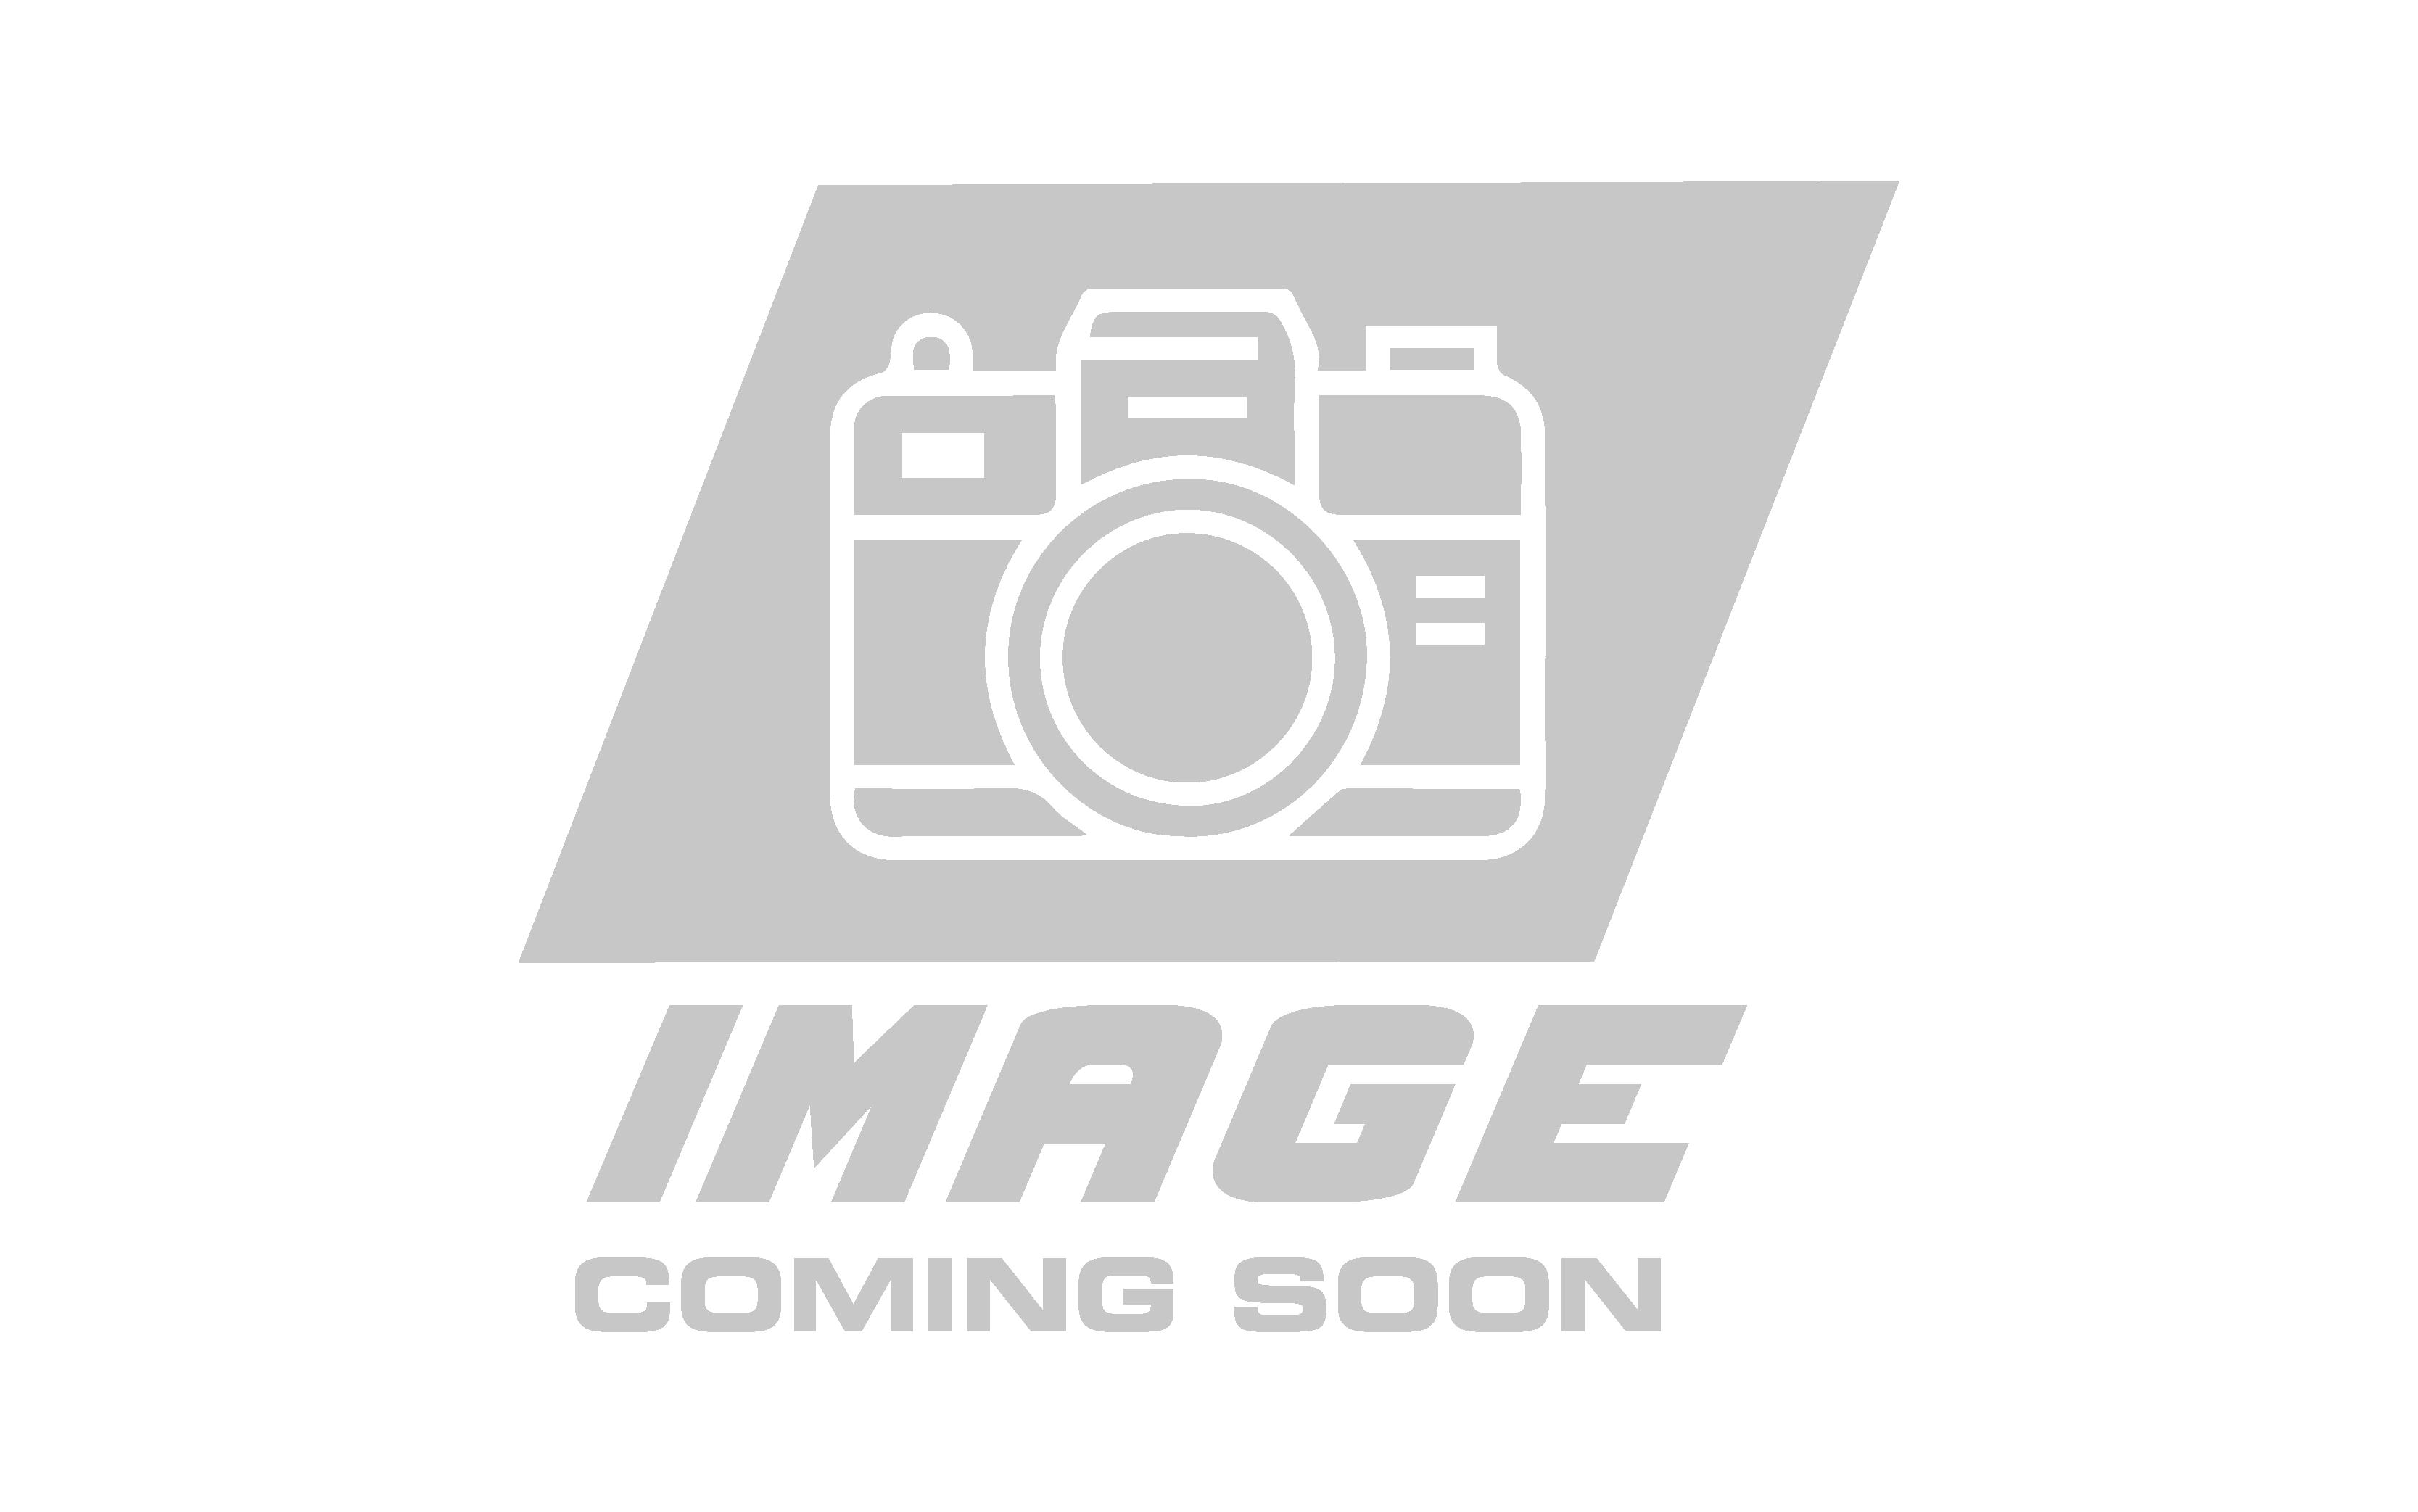 dodge_ram_1500_3rd_gen_air_lift_loadlifter_5000_ultimate_bag_88230